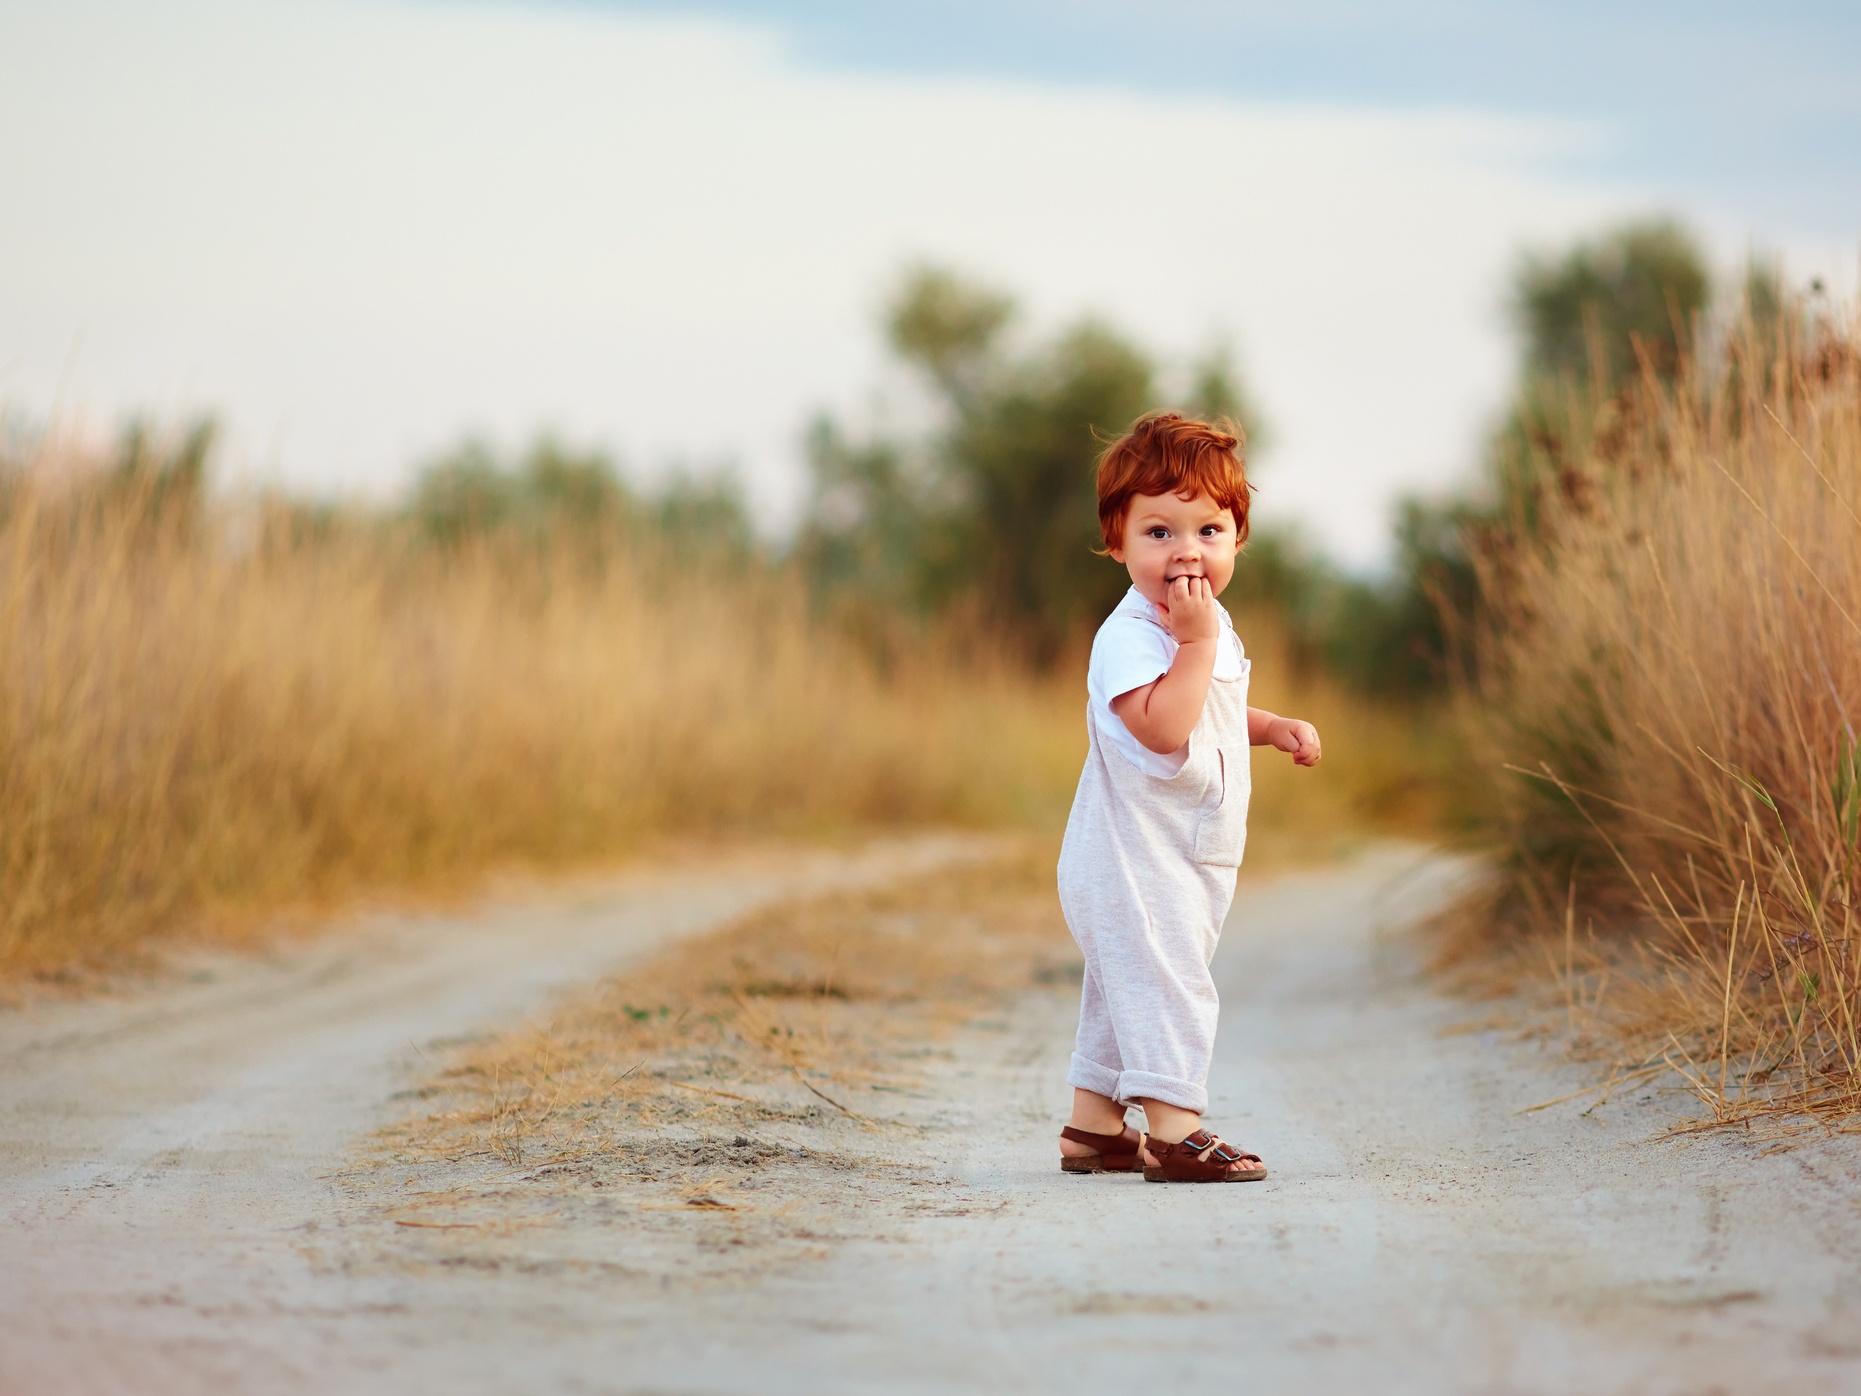 Sus primeros pasos: ¡empieza a andar!